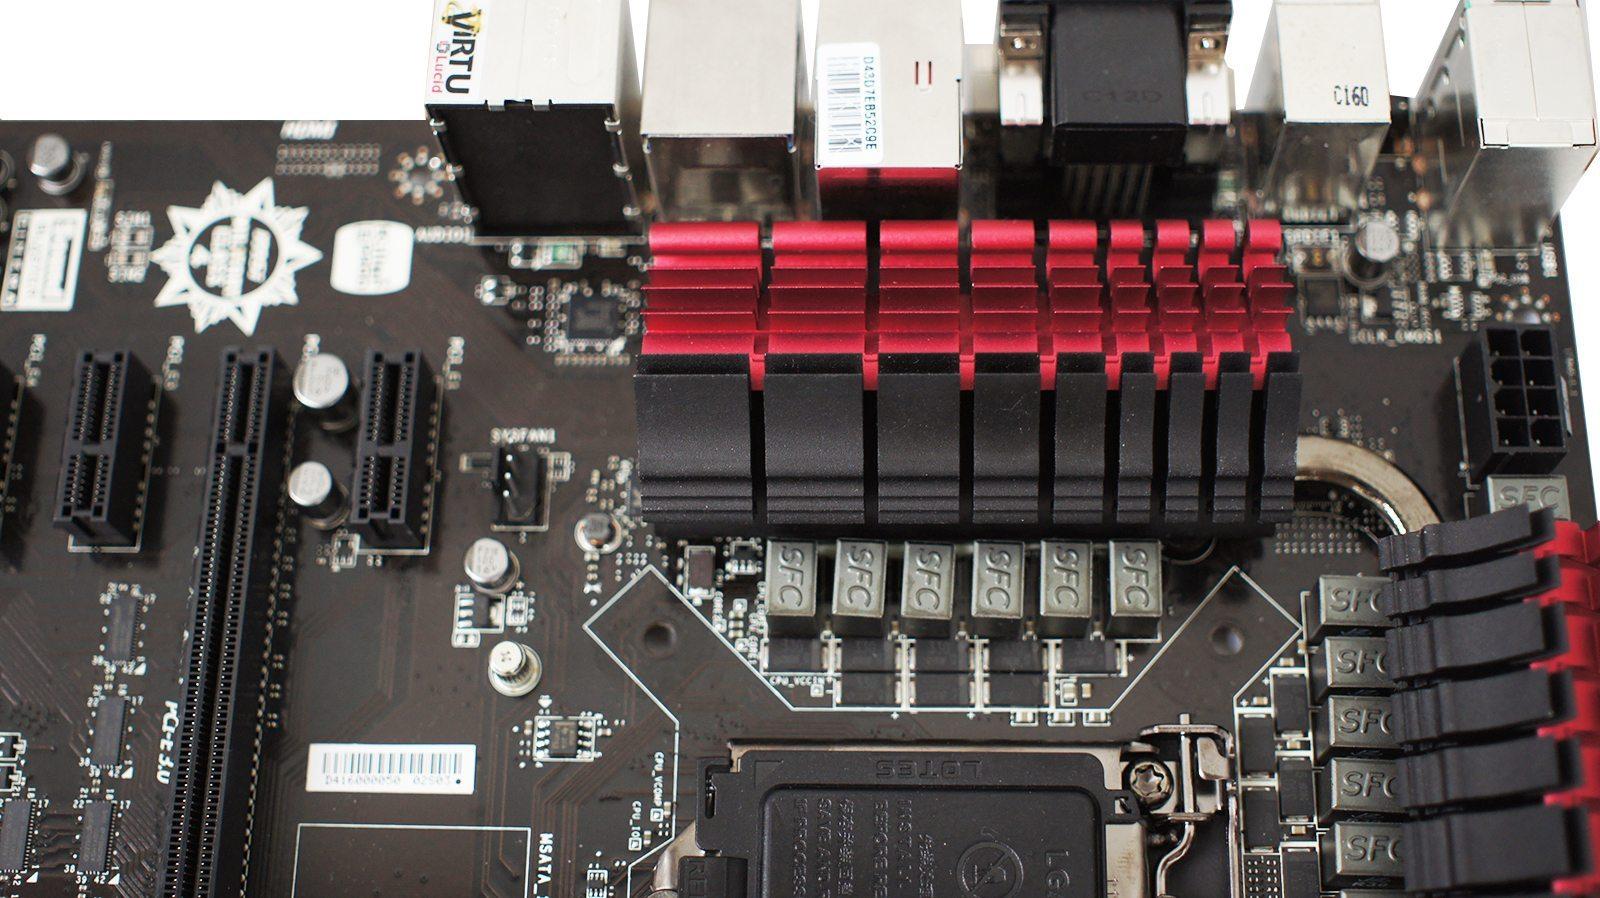 MSI Z87-GD65 Gaming